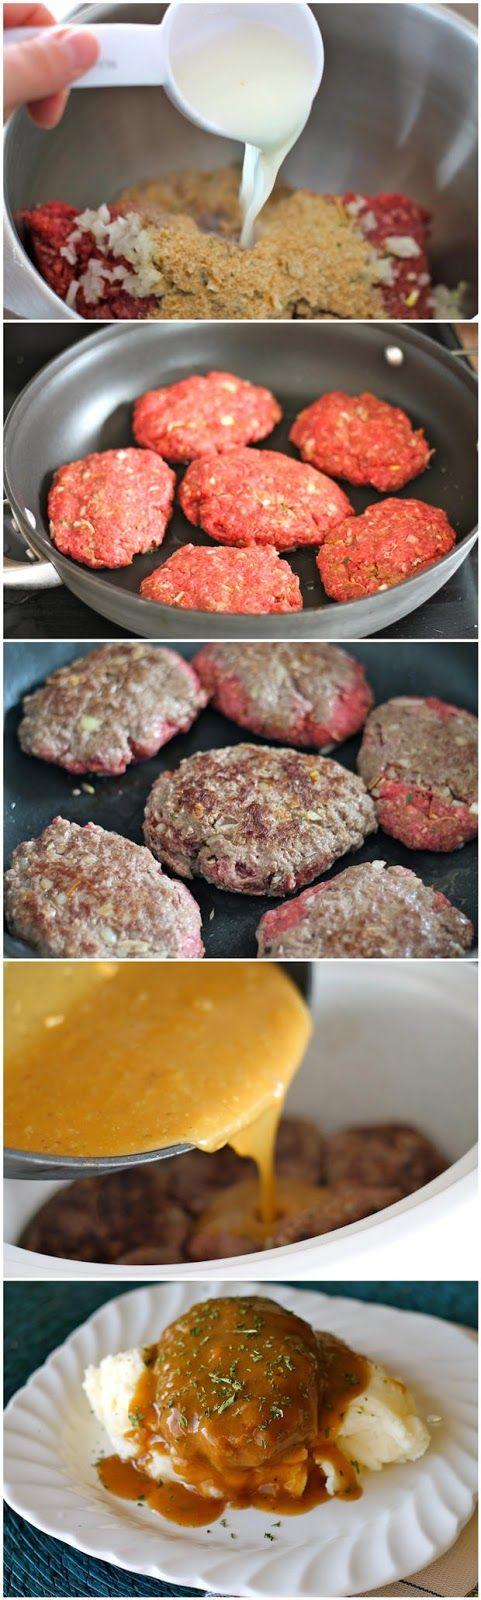 Slow Cooker Salisbury Steaks. Follow recipe but dredge ...